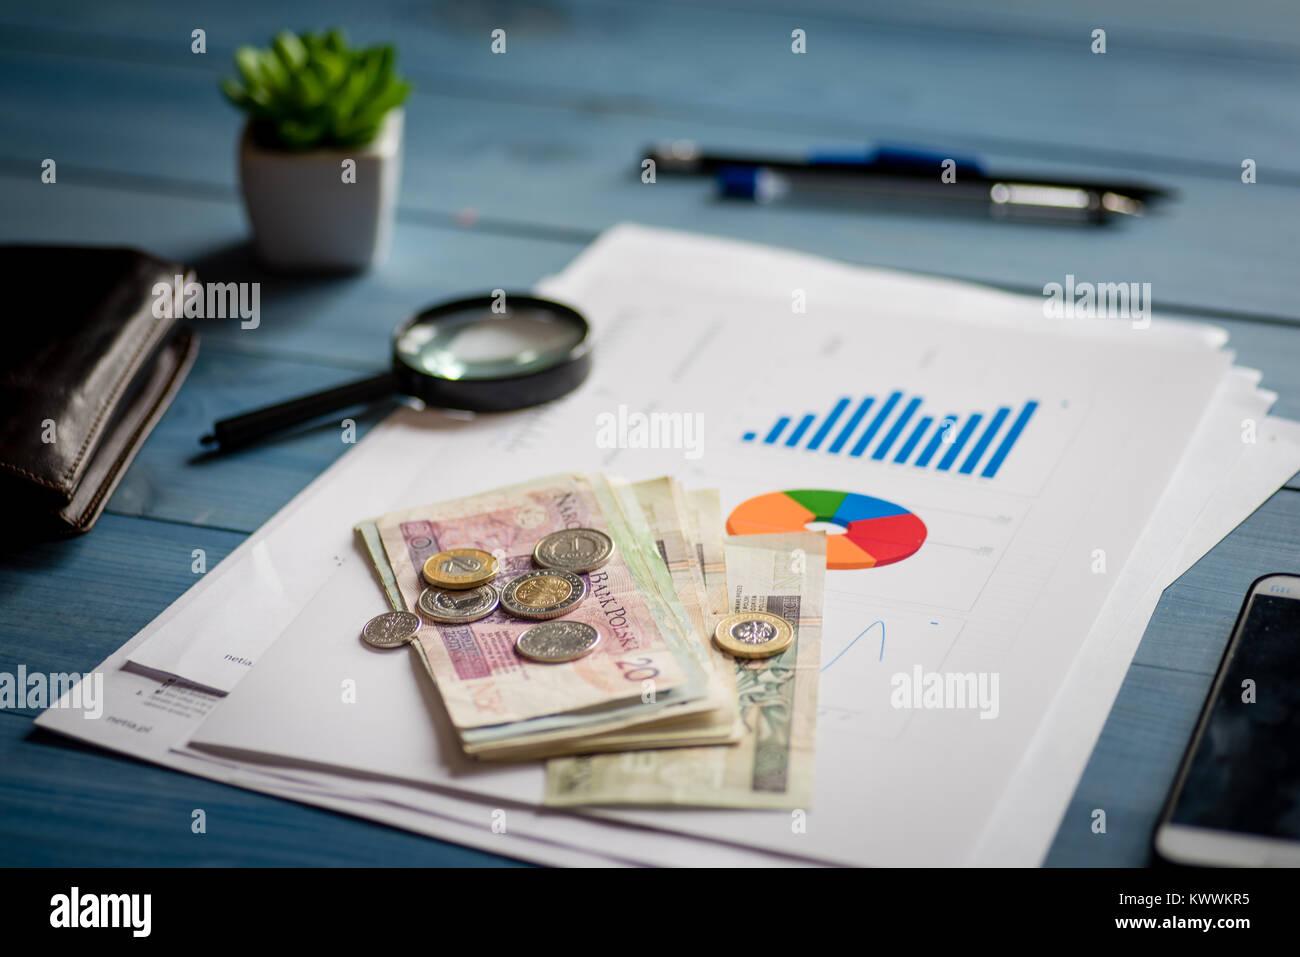 Polnische Geld Banknoten Und Münzen Auf Den Schreibtisch Das